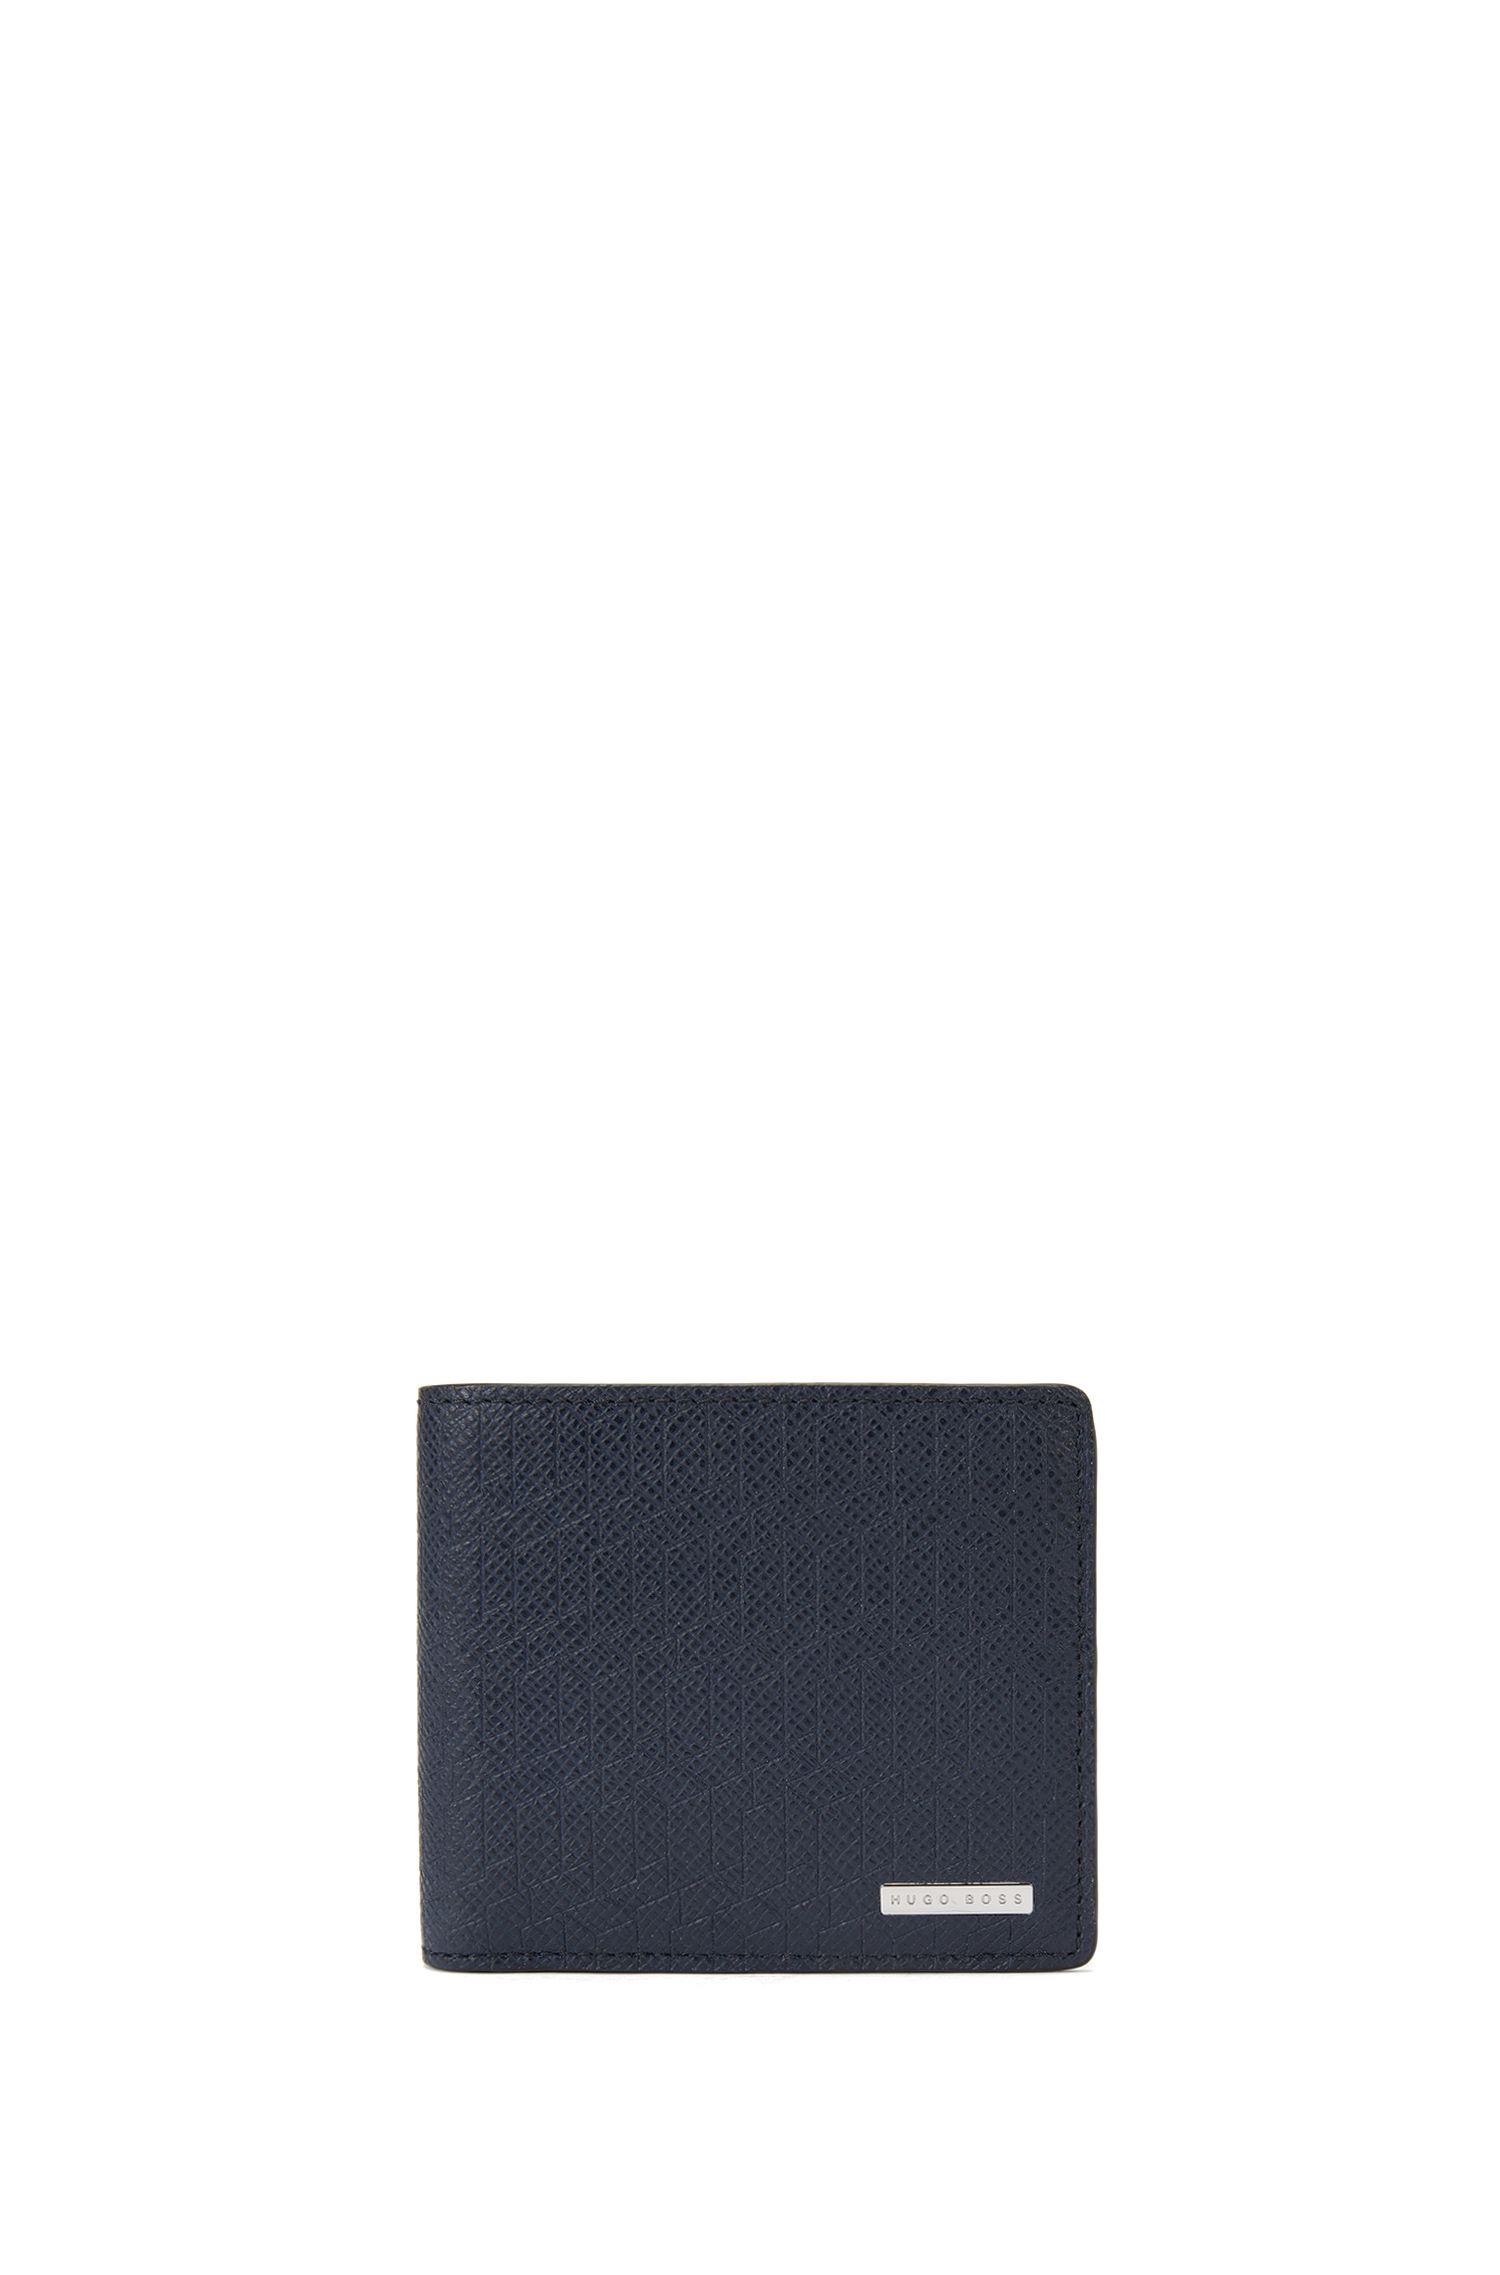 Openklapbare portemonnee van palmellatoleer uit de Signature Collection